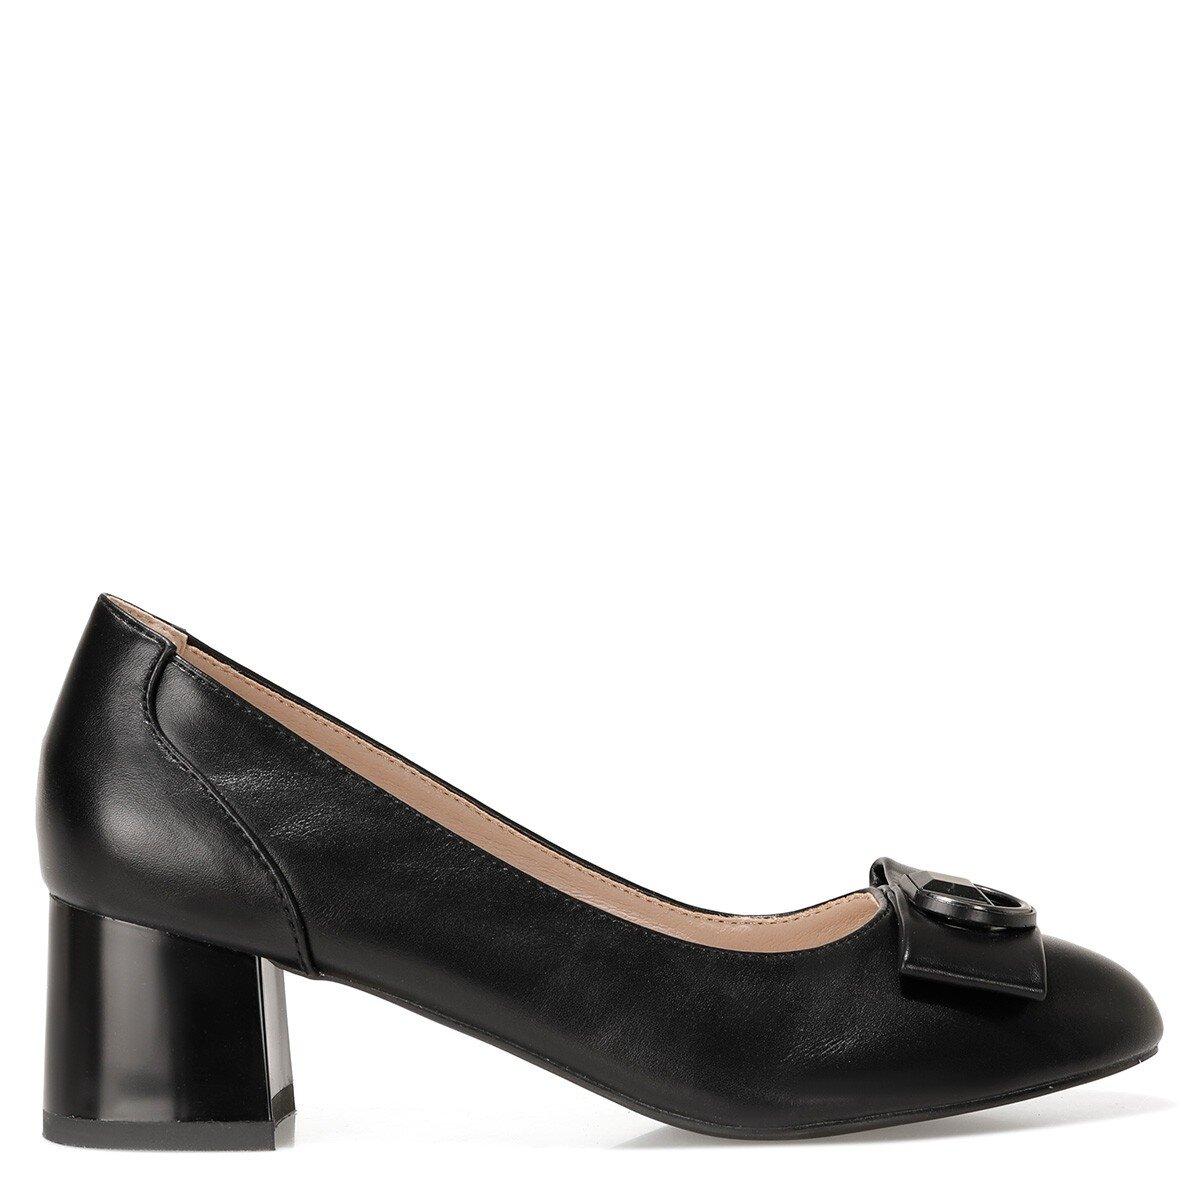 JODEE 1FX Siyah Kadın Topuklu Ayakkabı